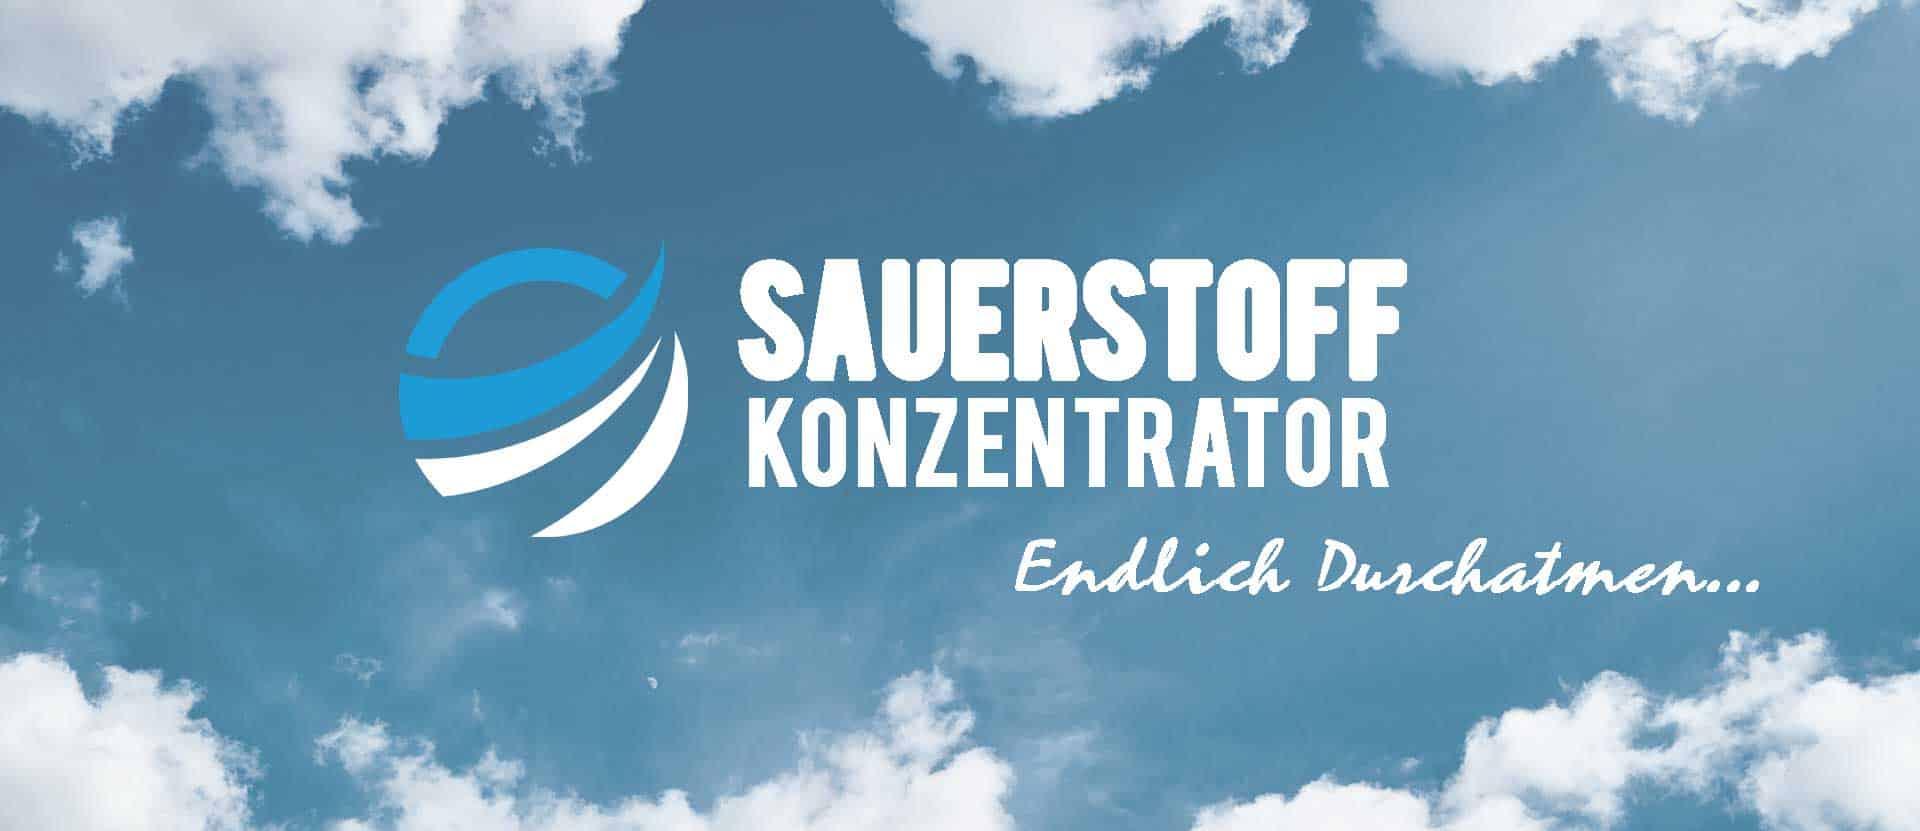 Logo für Sauerstoffkonzentrator